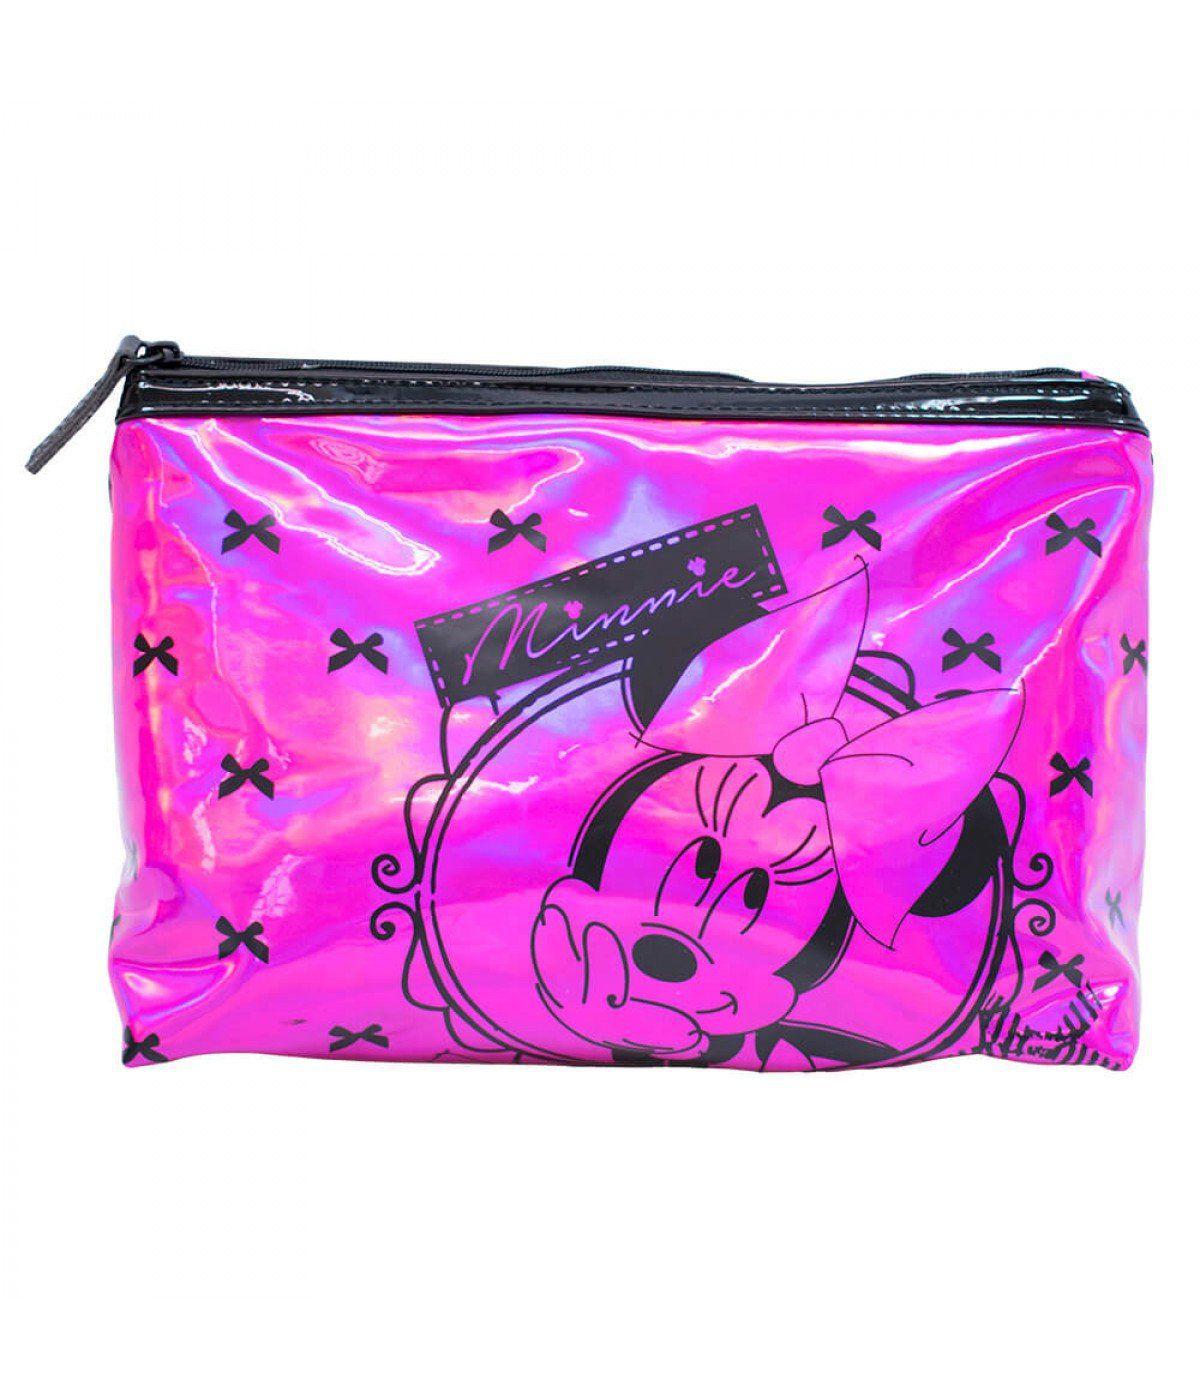 Necessaire Minnie Mouse (Pink e Preto): Disney